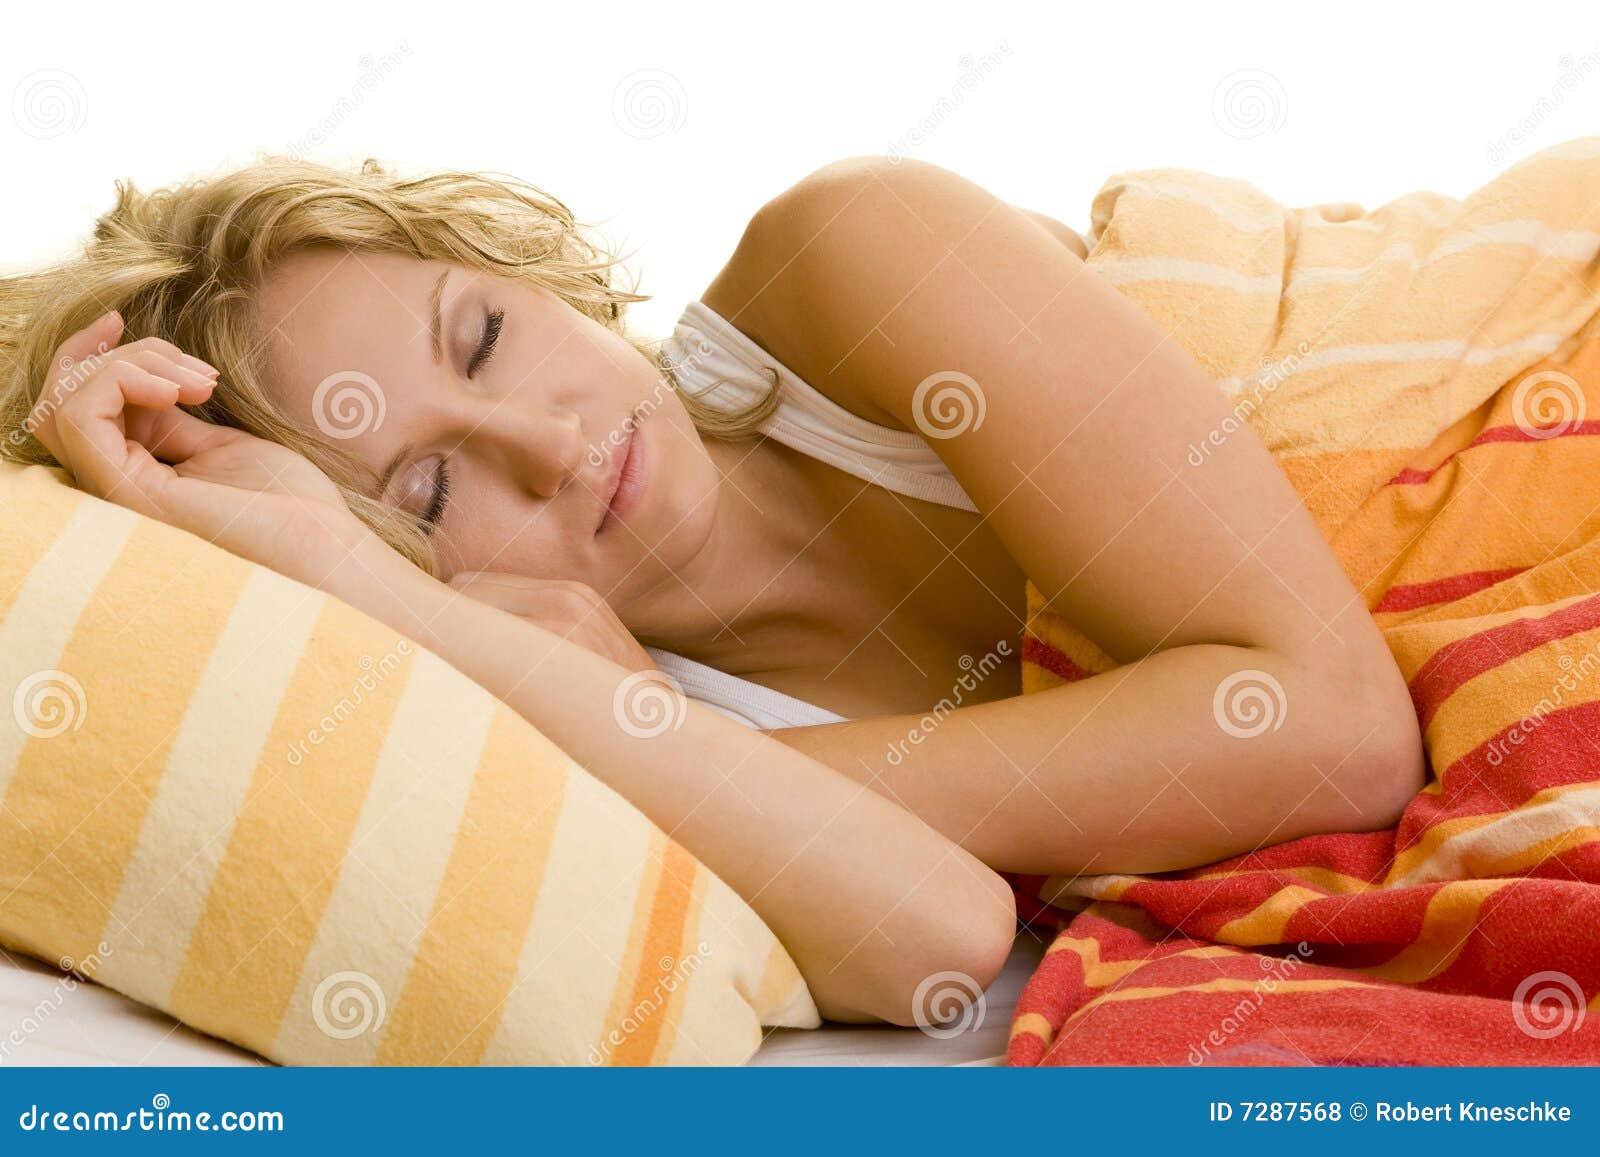 El dormir en cama